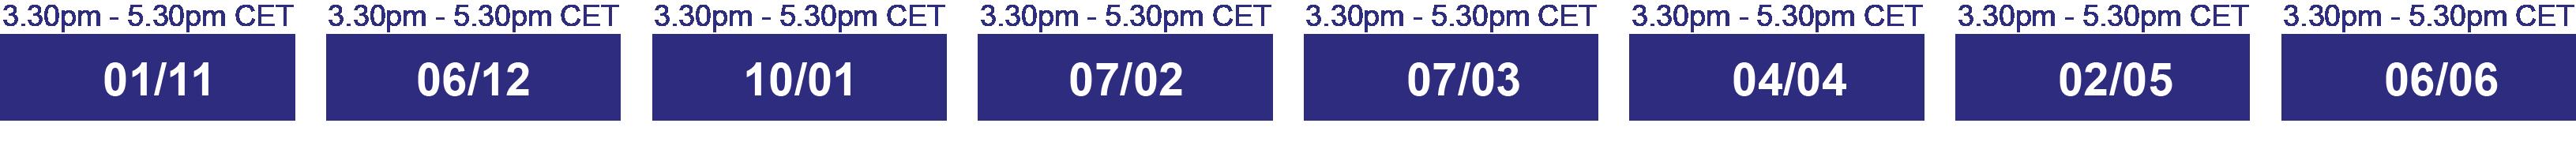 SDAM_schedule_until_06_2022